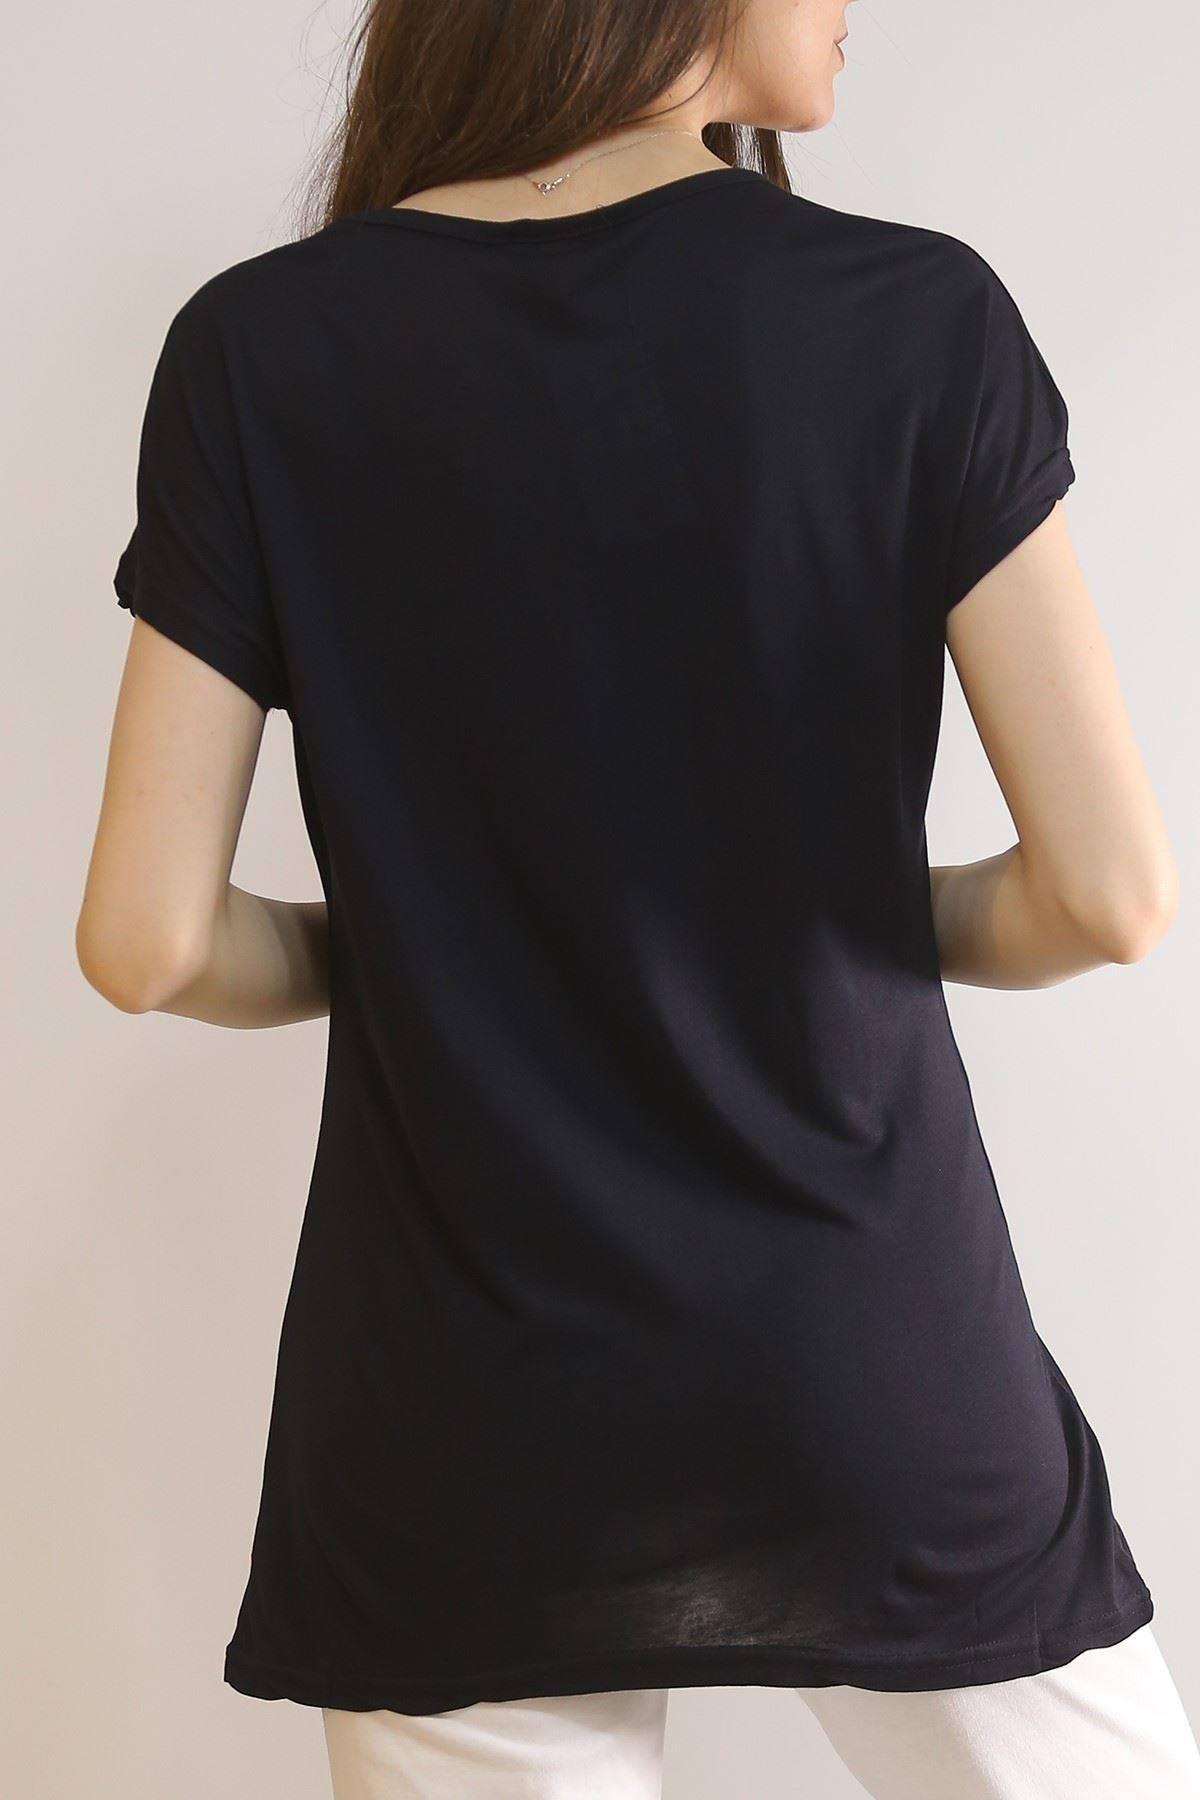 Baskılı Tişört Siyah - 5978.102.